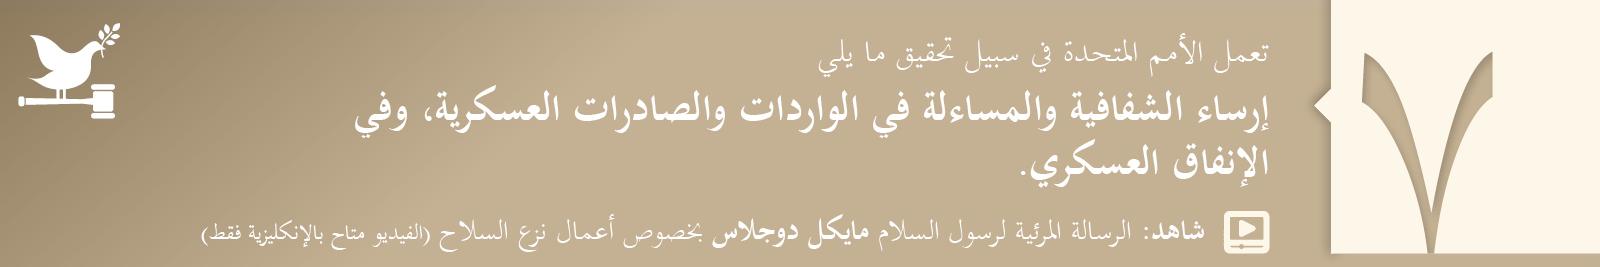 7. إرساء الشفافية والمساءلة في الواردات والصادرات العسكرية، وفي الإنفاق العسكري.